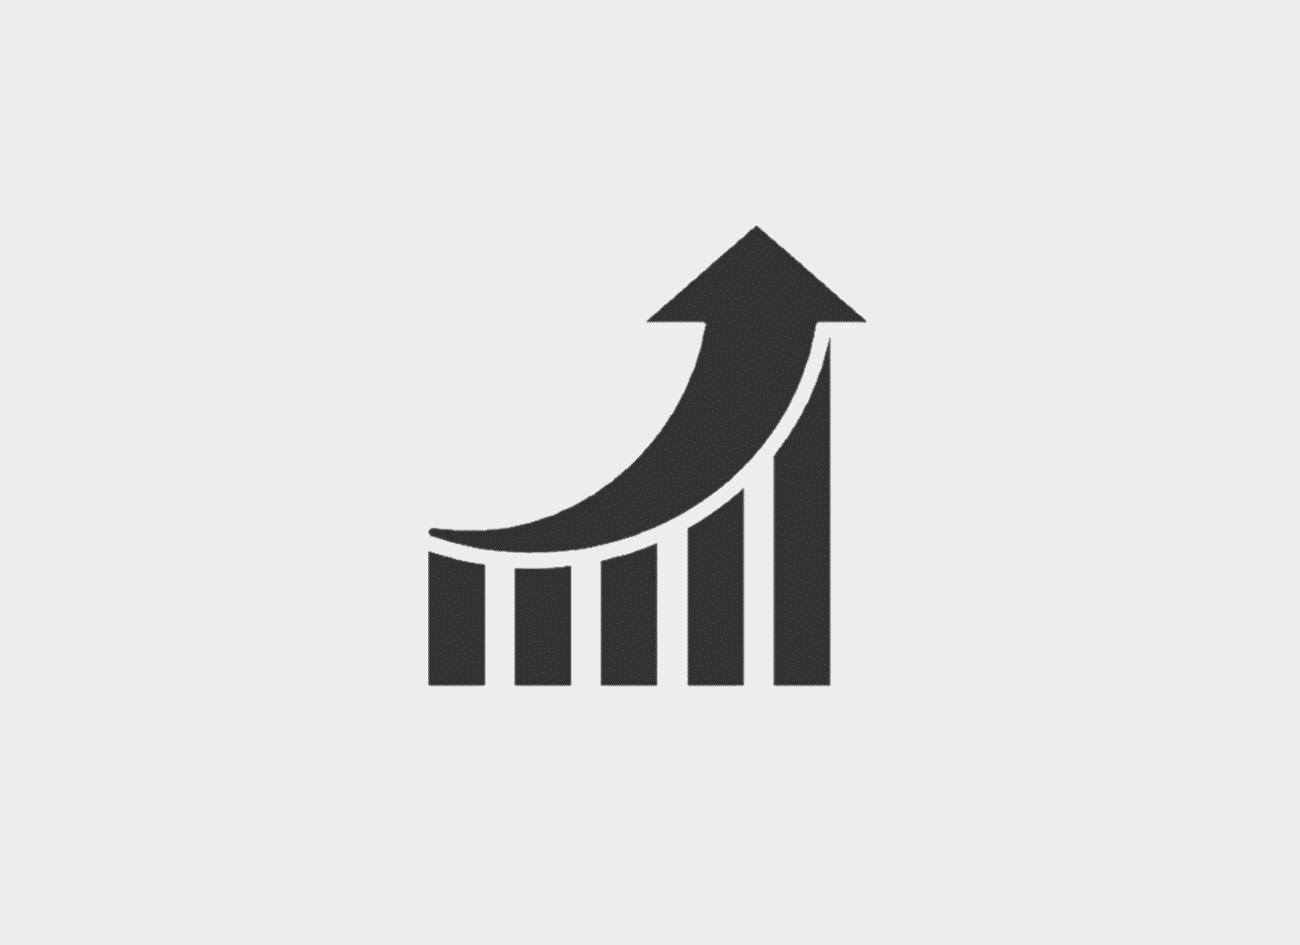 InPut Creativity le ofrece sus servicios VEO SEO para posicionamiento en buscadores